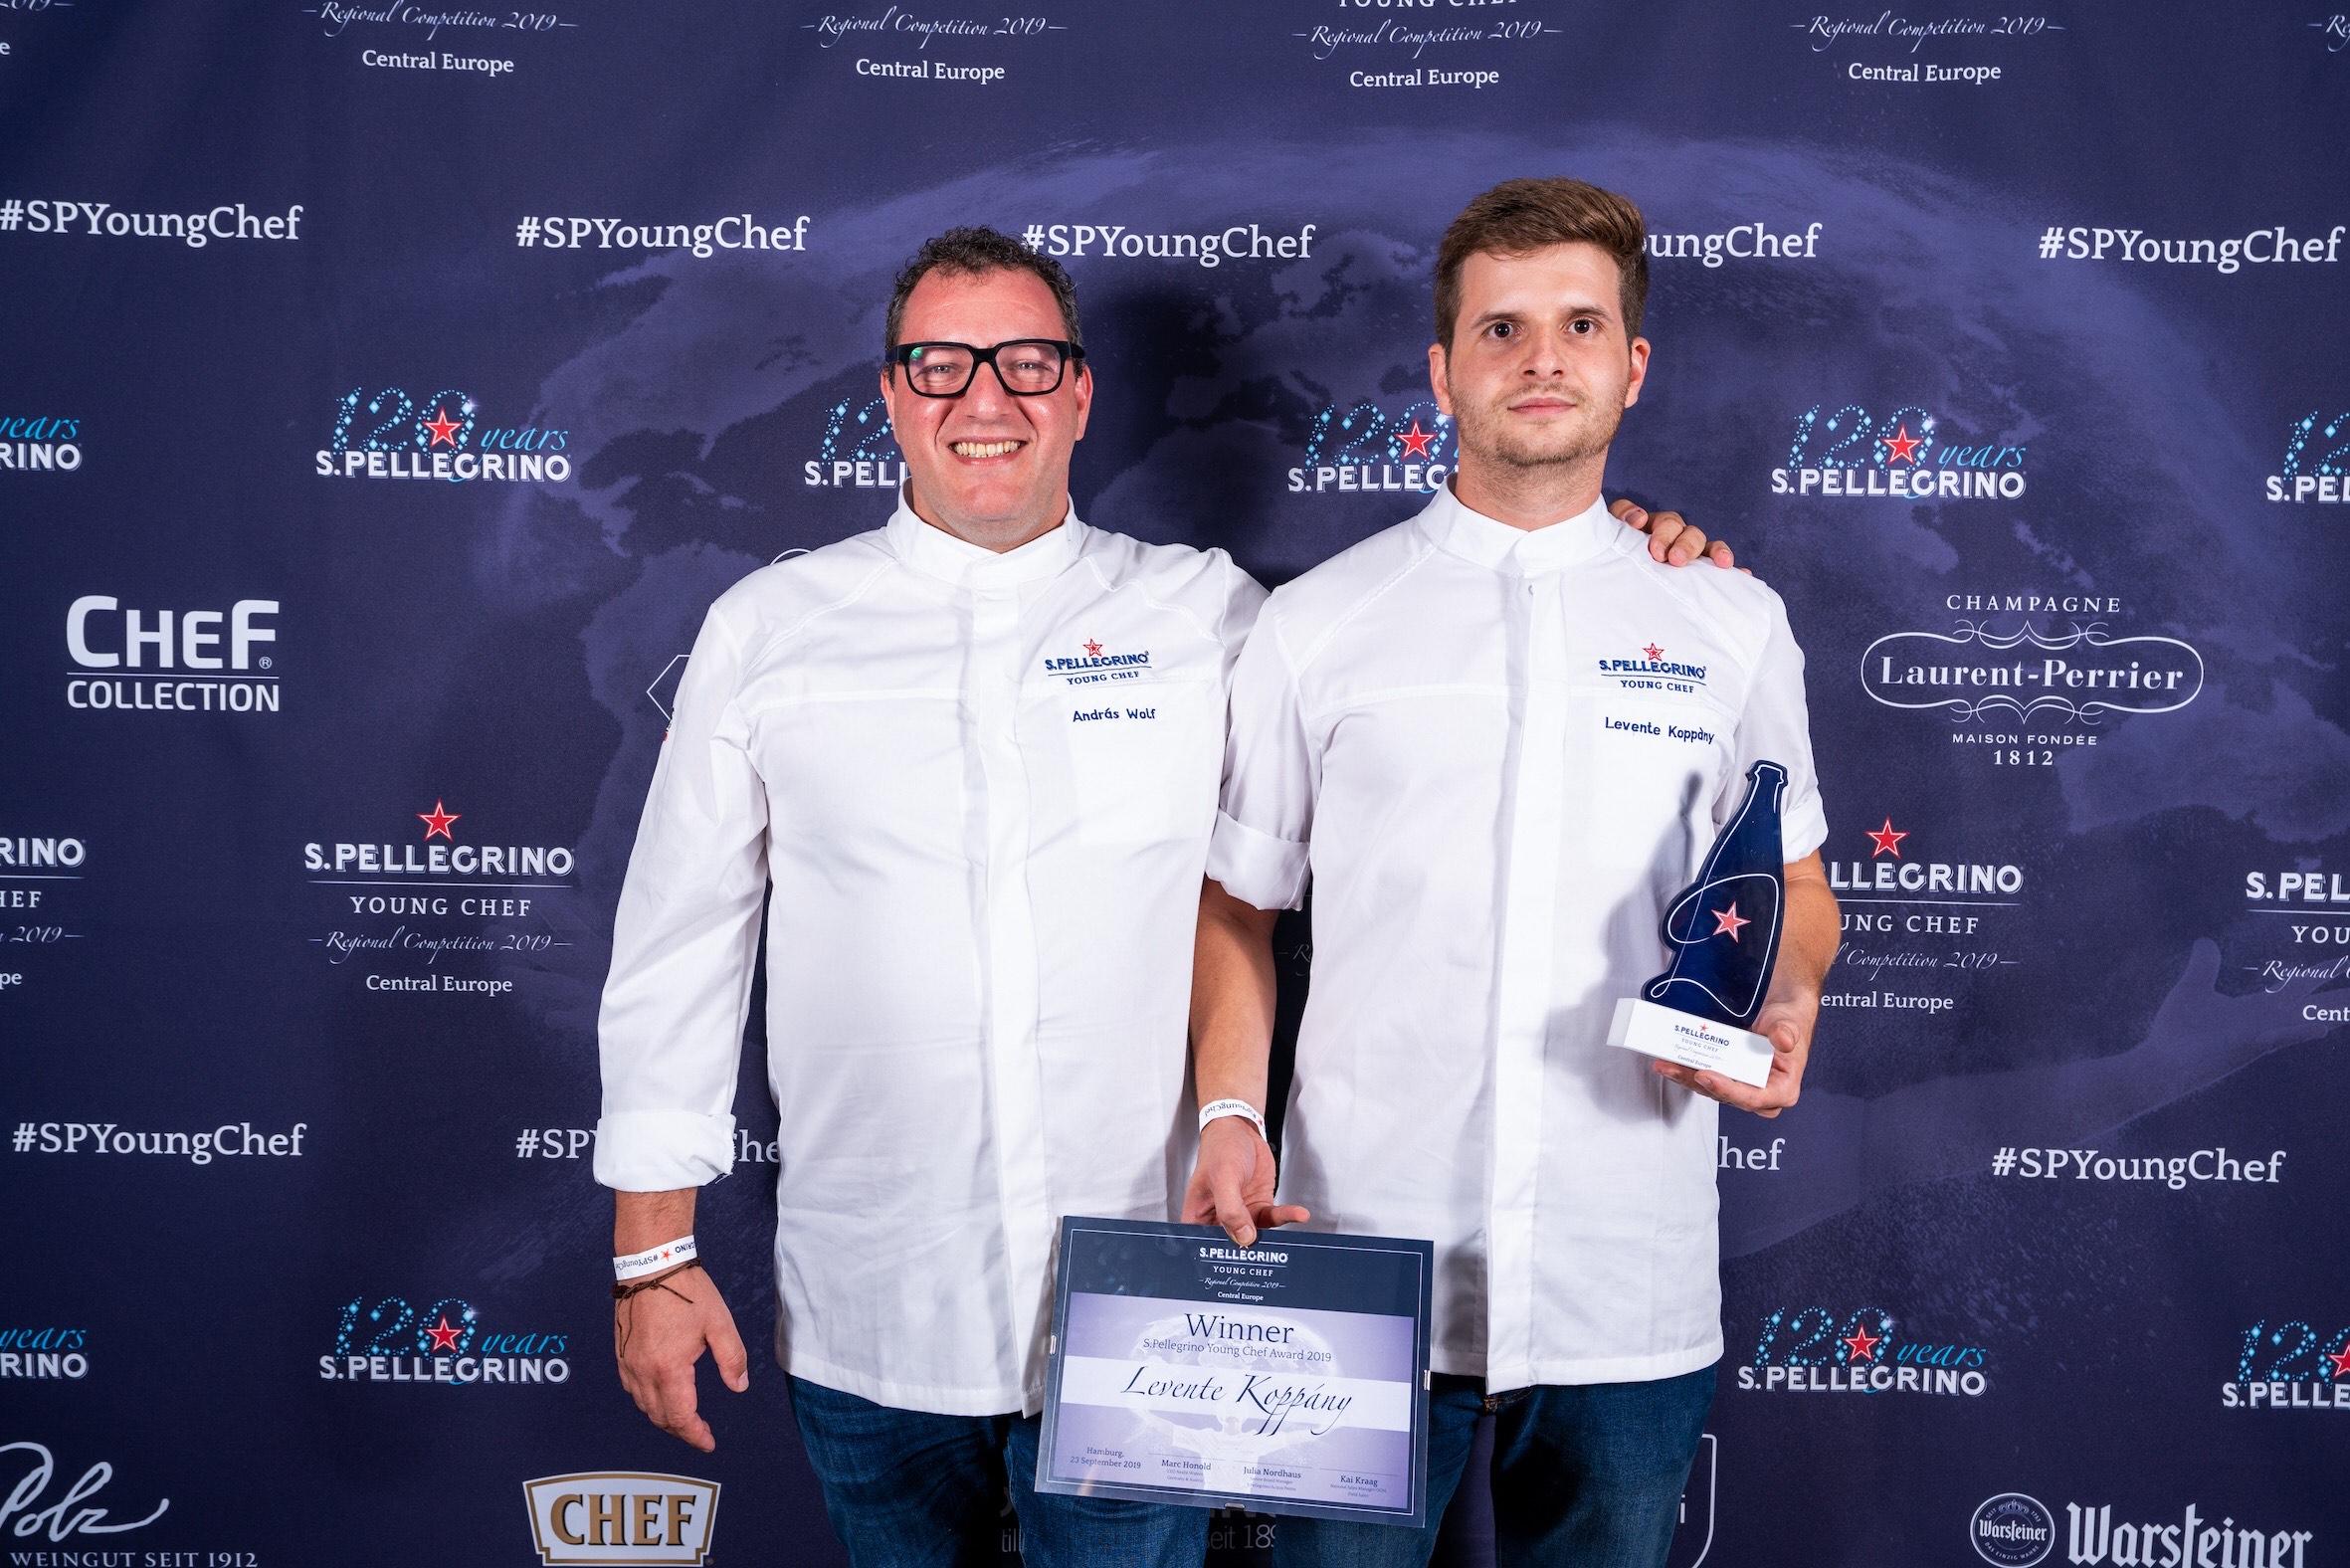 Magyar séf nyerte meg a S.Pellegrino regionális versenyét